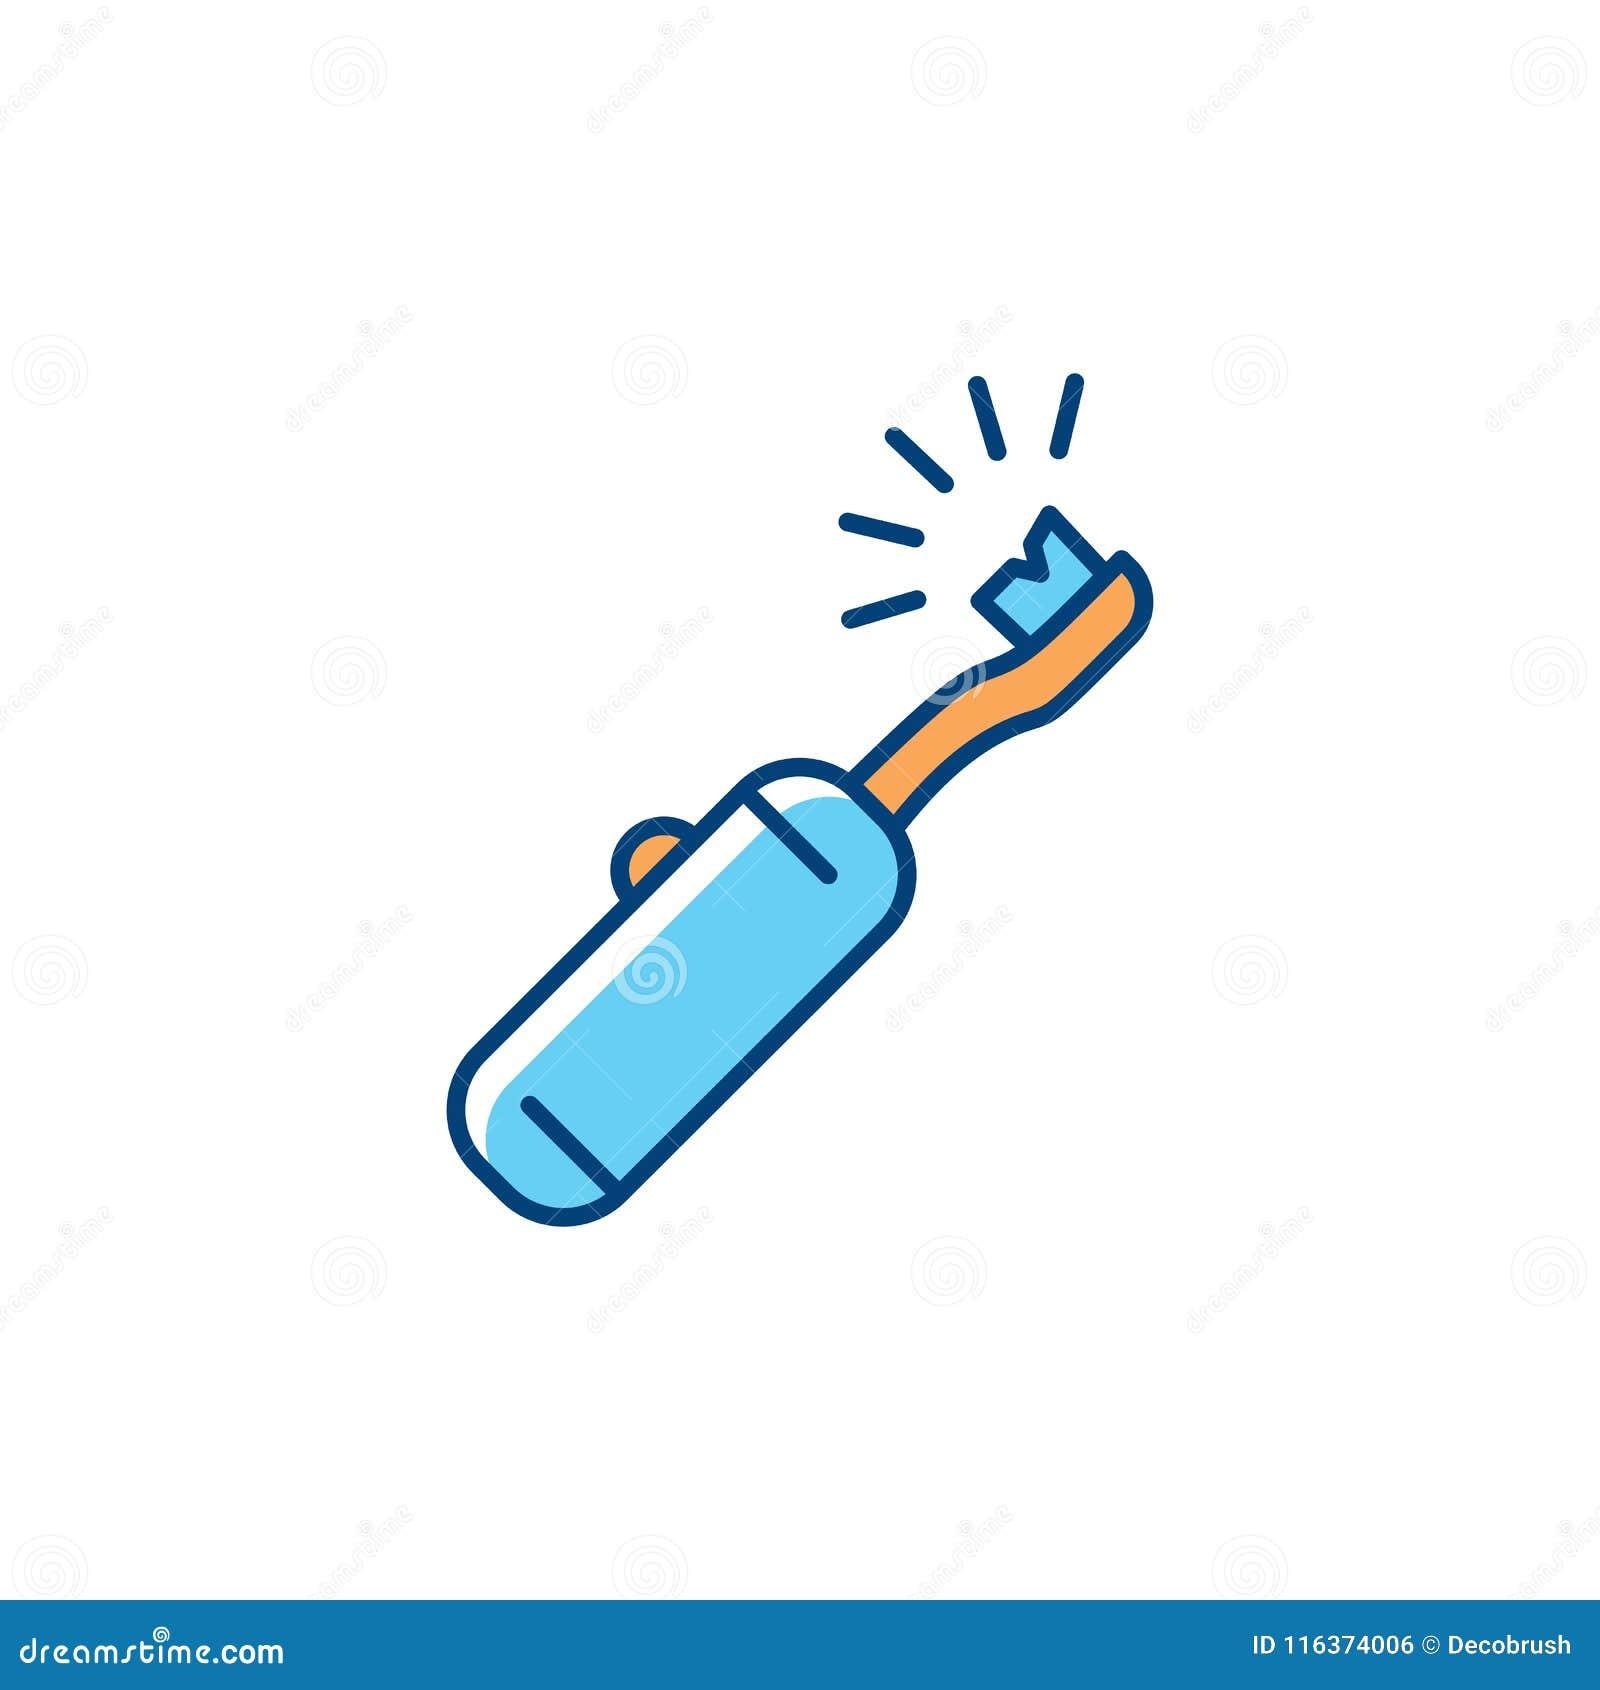 Icona dello spazzolino da denti elettrico Cure odontoiatriche, igiene orale, pulizia dei denti Linea sottile variopinta icona di